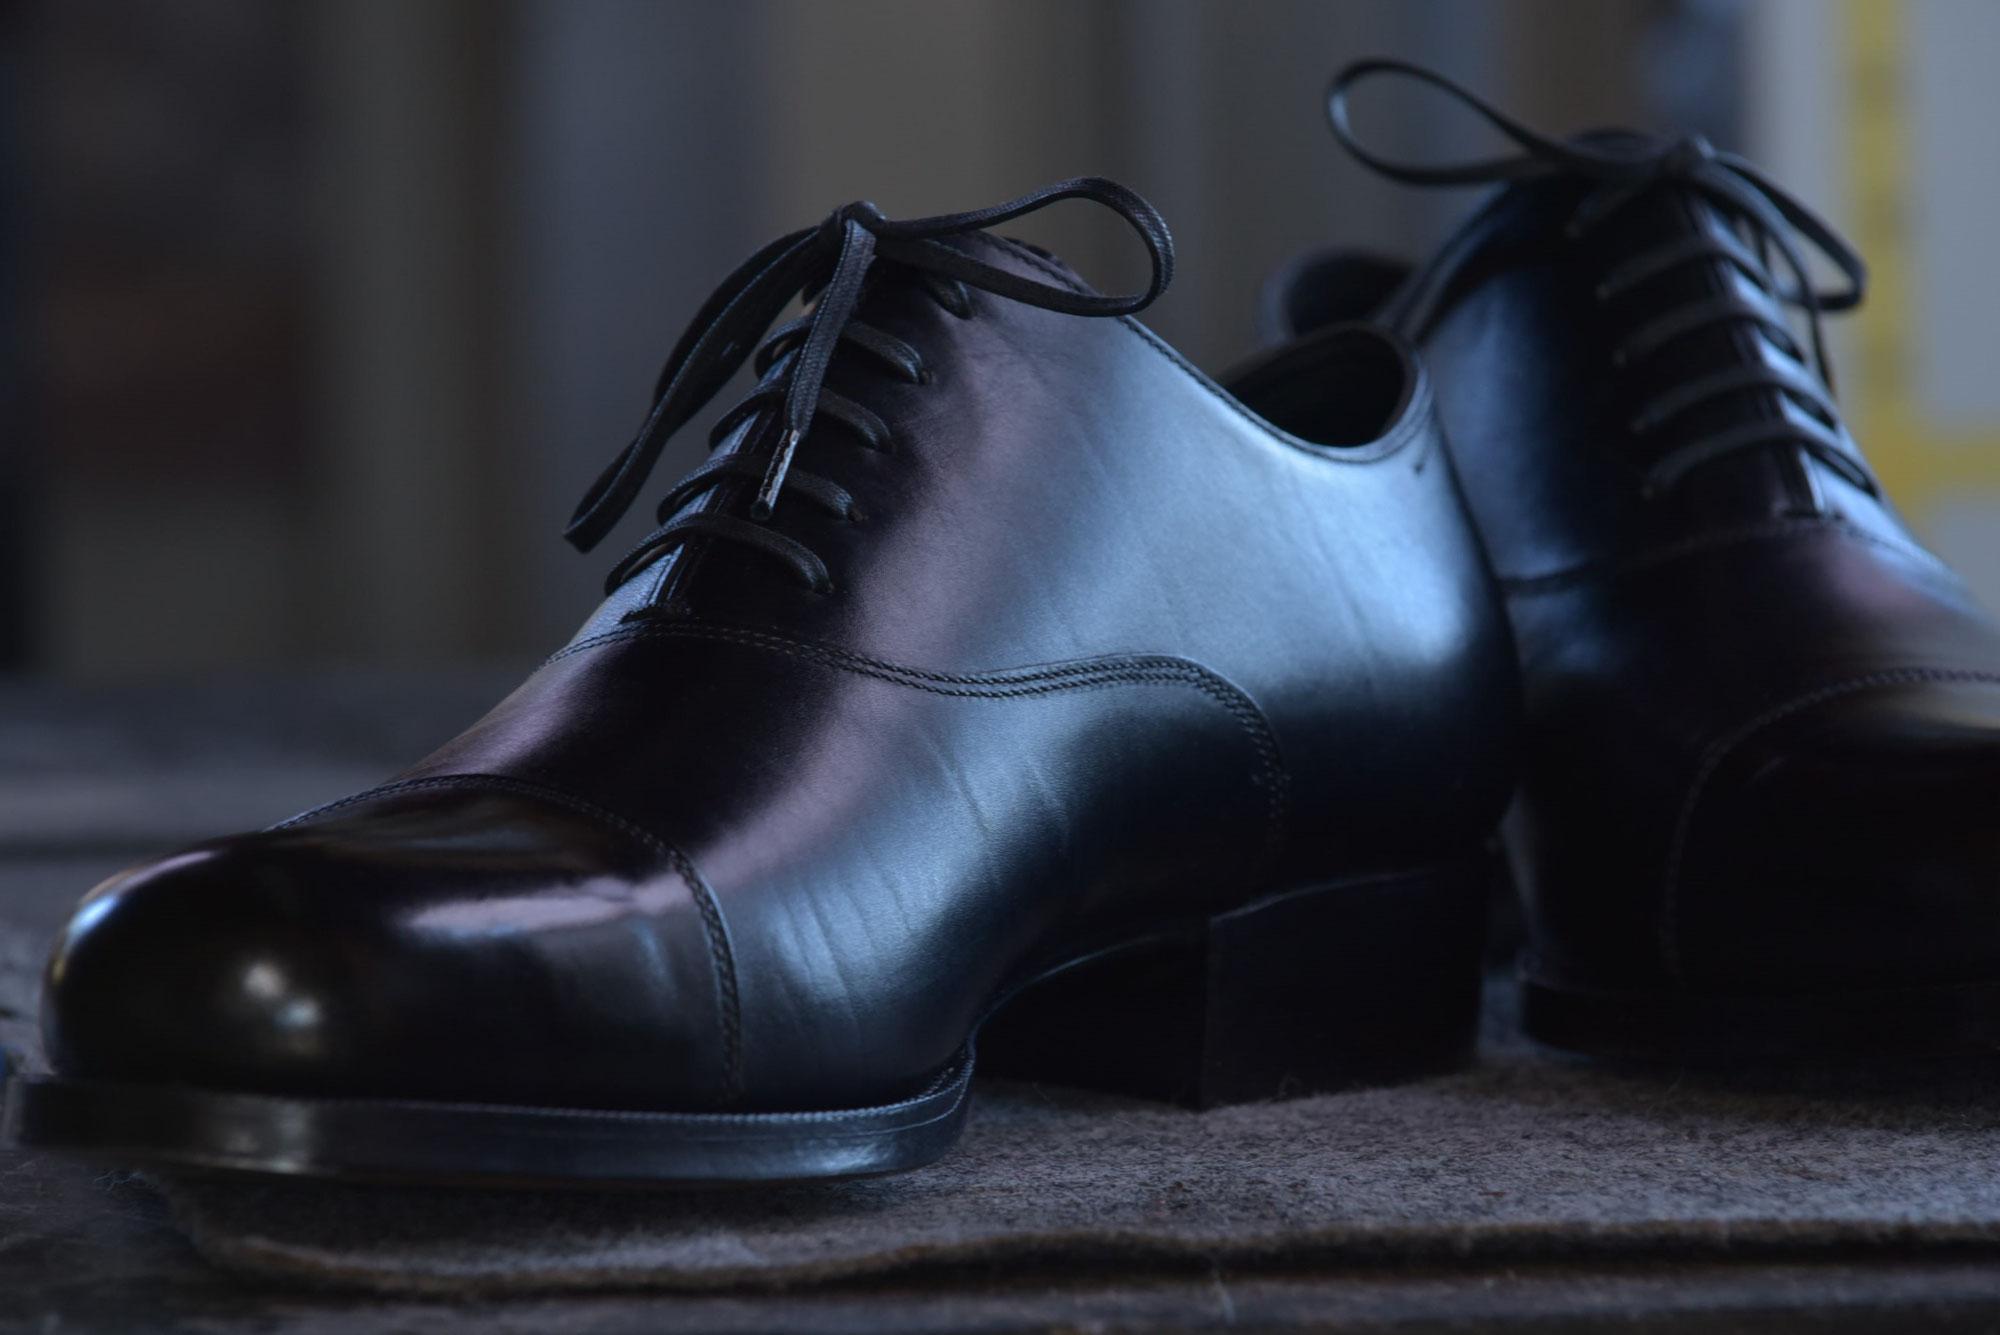 内羽根紳士靴(紳士靴152)